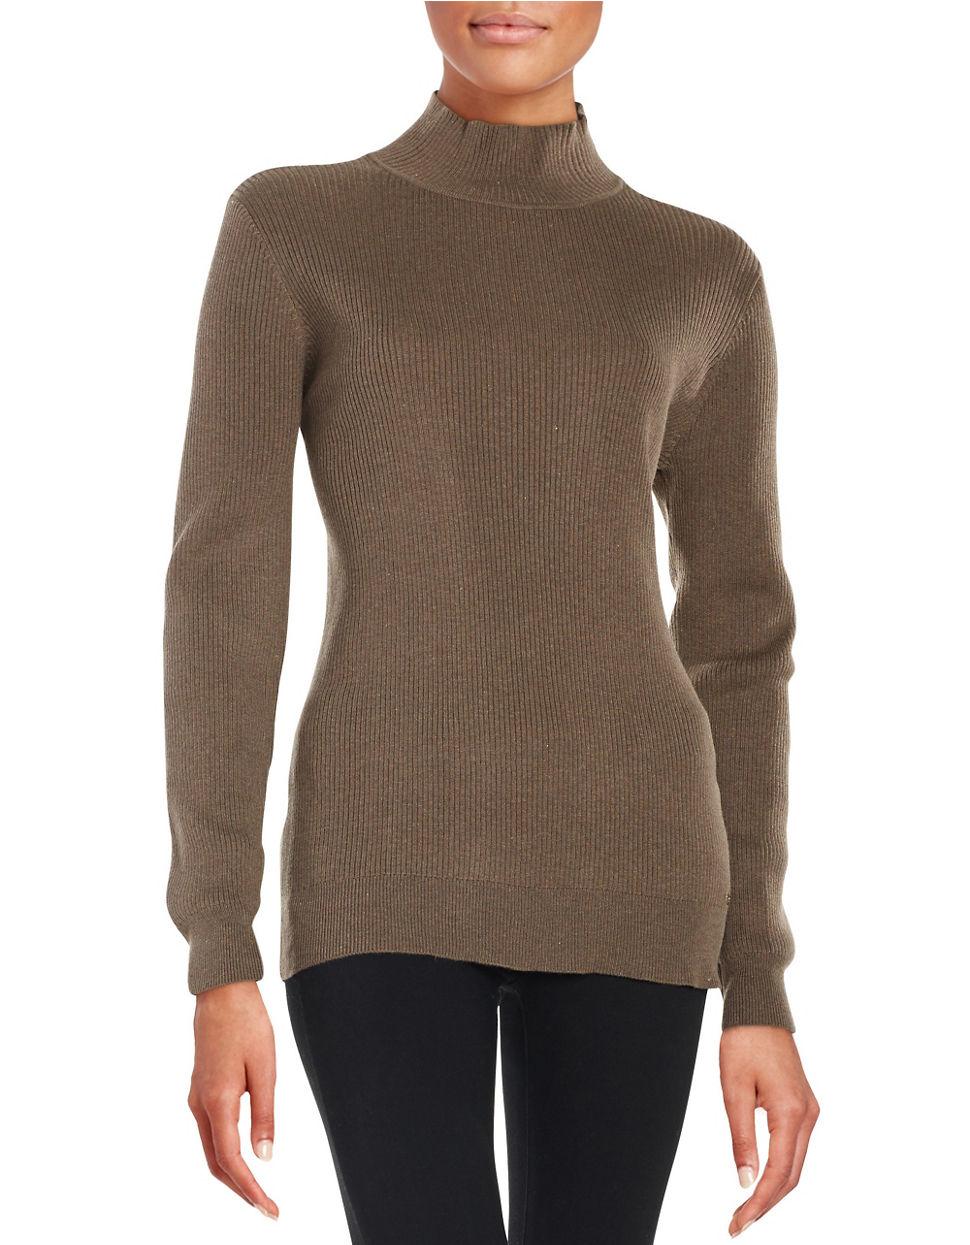 calvin klein mockneck knit sweater in brown lyst. Black Bedroom Furniture Sets. Home Design Ideas